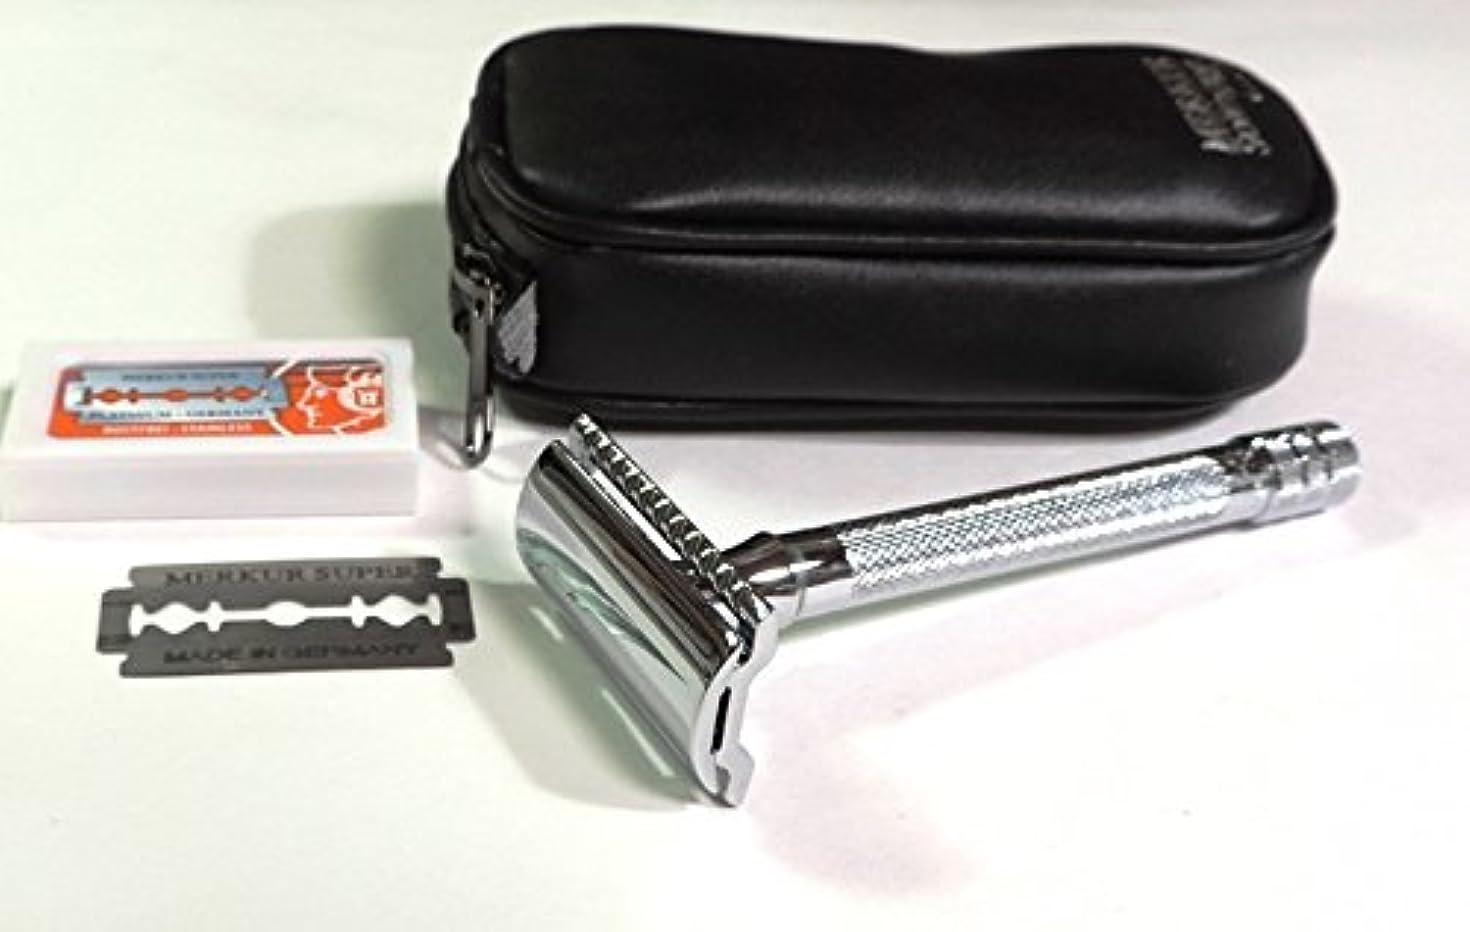 キー拘束する電気ゾーリンゲン メルクールMERKUR(独)髭剃り(ひげそり)両刃ホルダー23C 替刃11枚、携帯ポーチ付